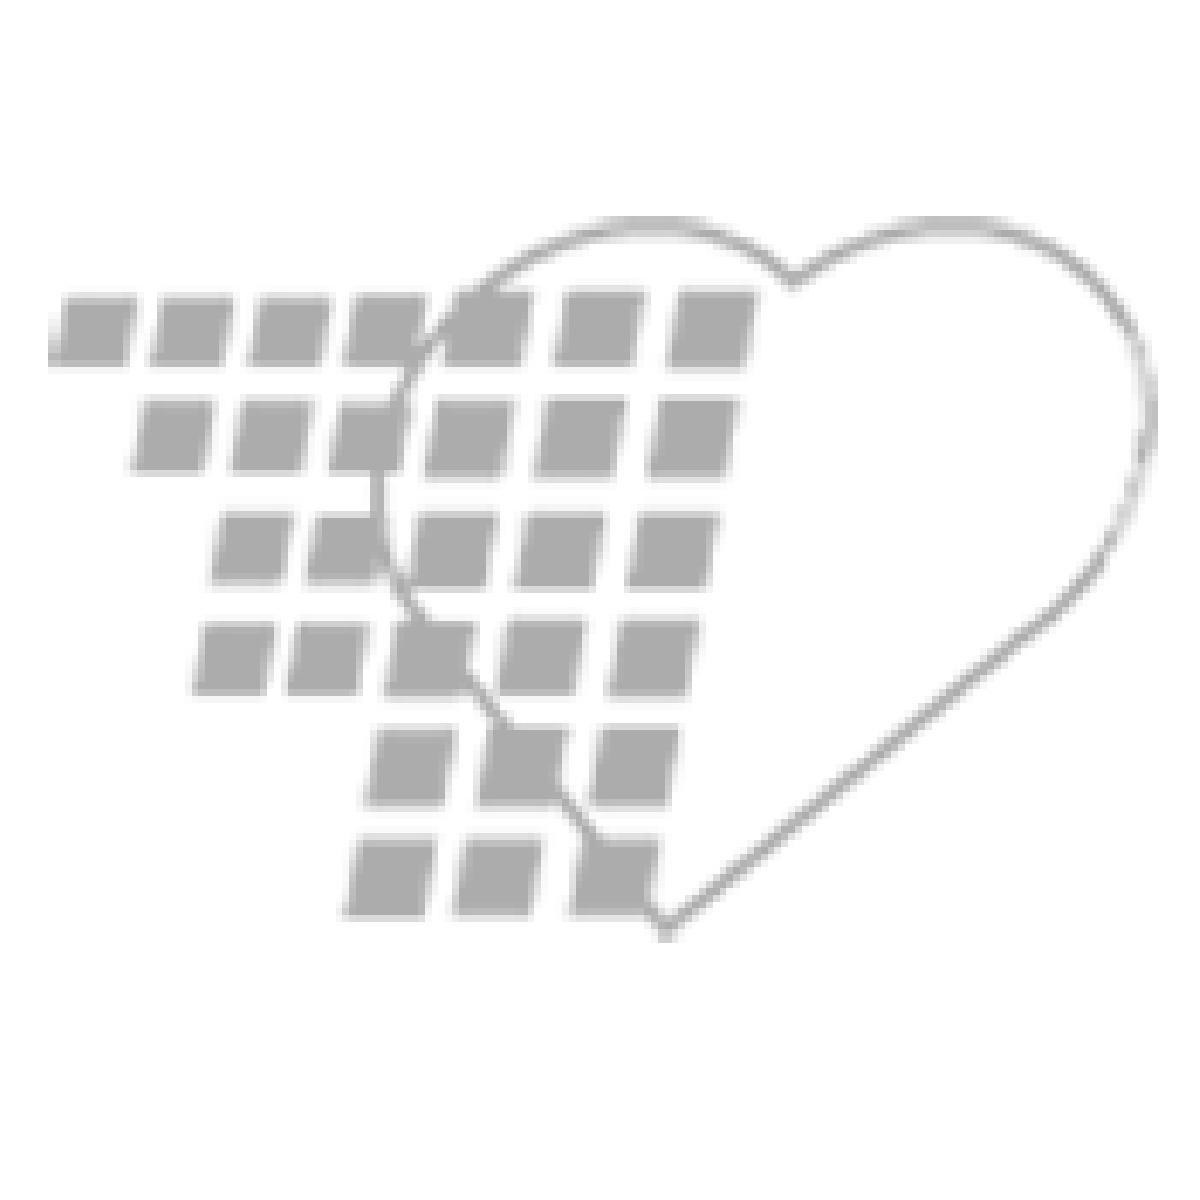 06-93-7528 Demo Dose® Hazardous Personal Protection Kit